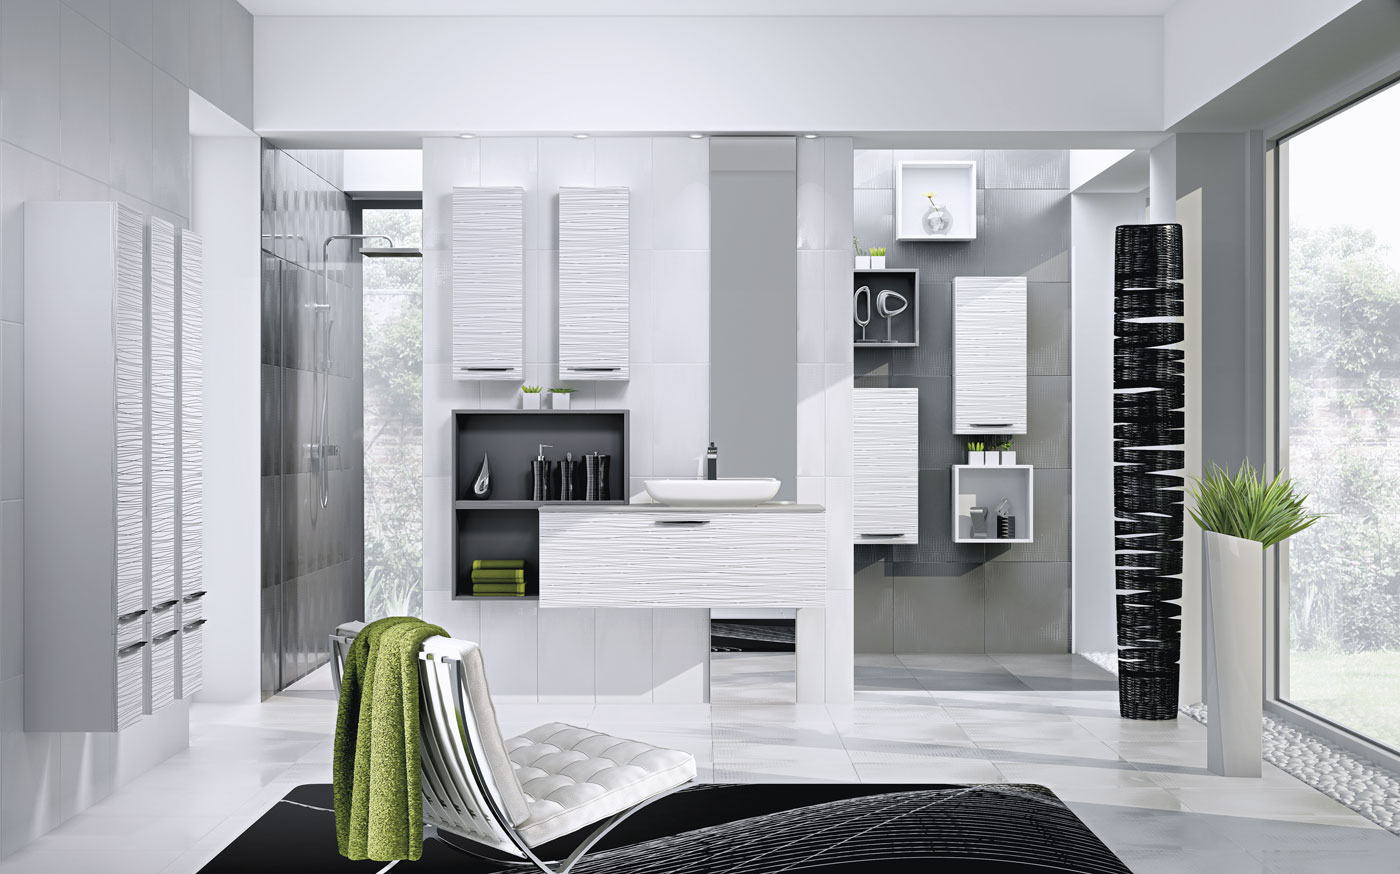 Salle de bain framboise et blanc: decoration salle de bain noire ...